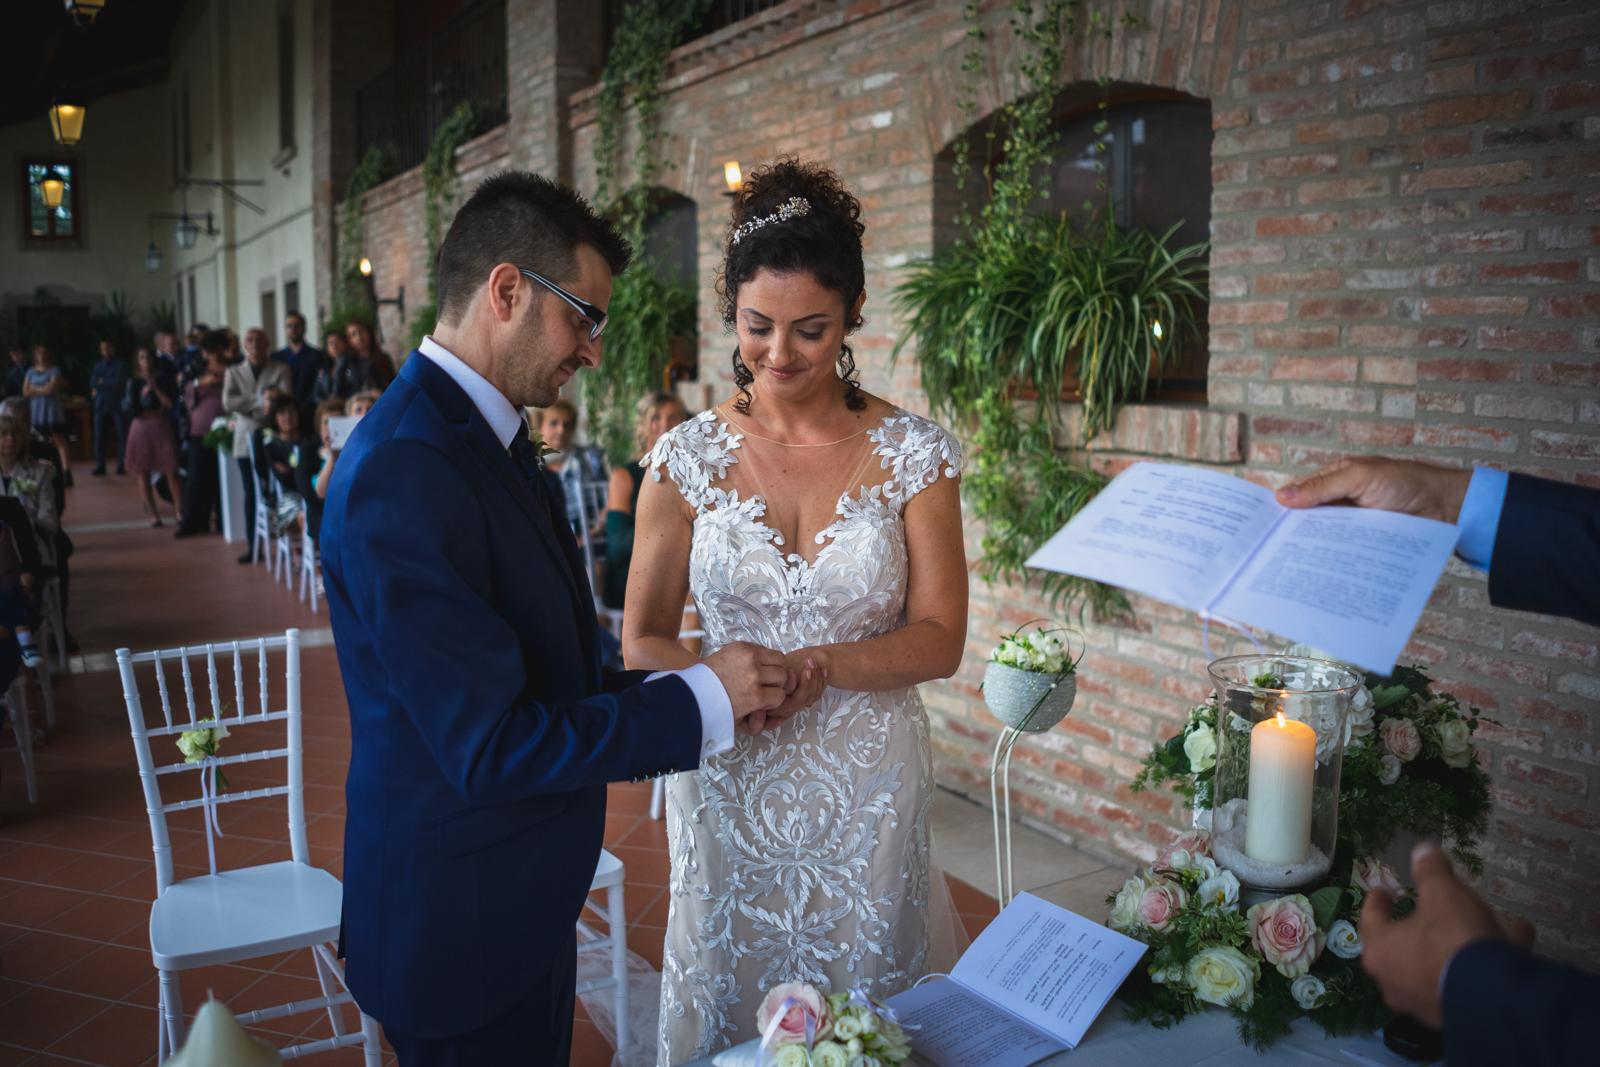 fotografo matrimonio Brescia Laura e Davide reportage di matrimonio-32